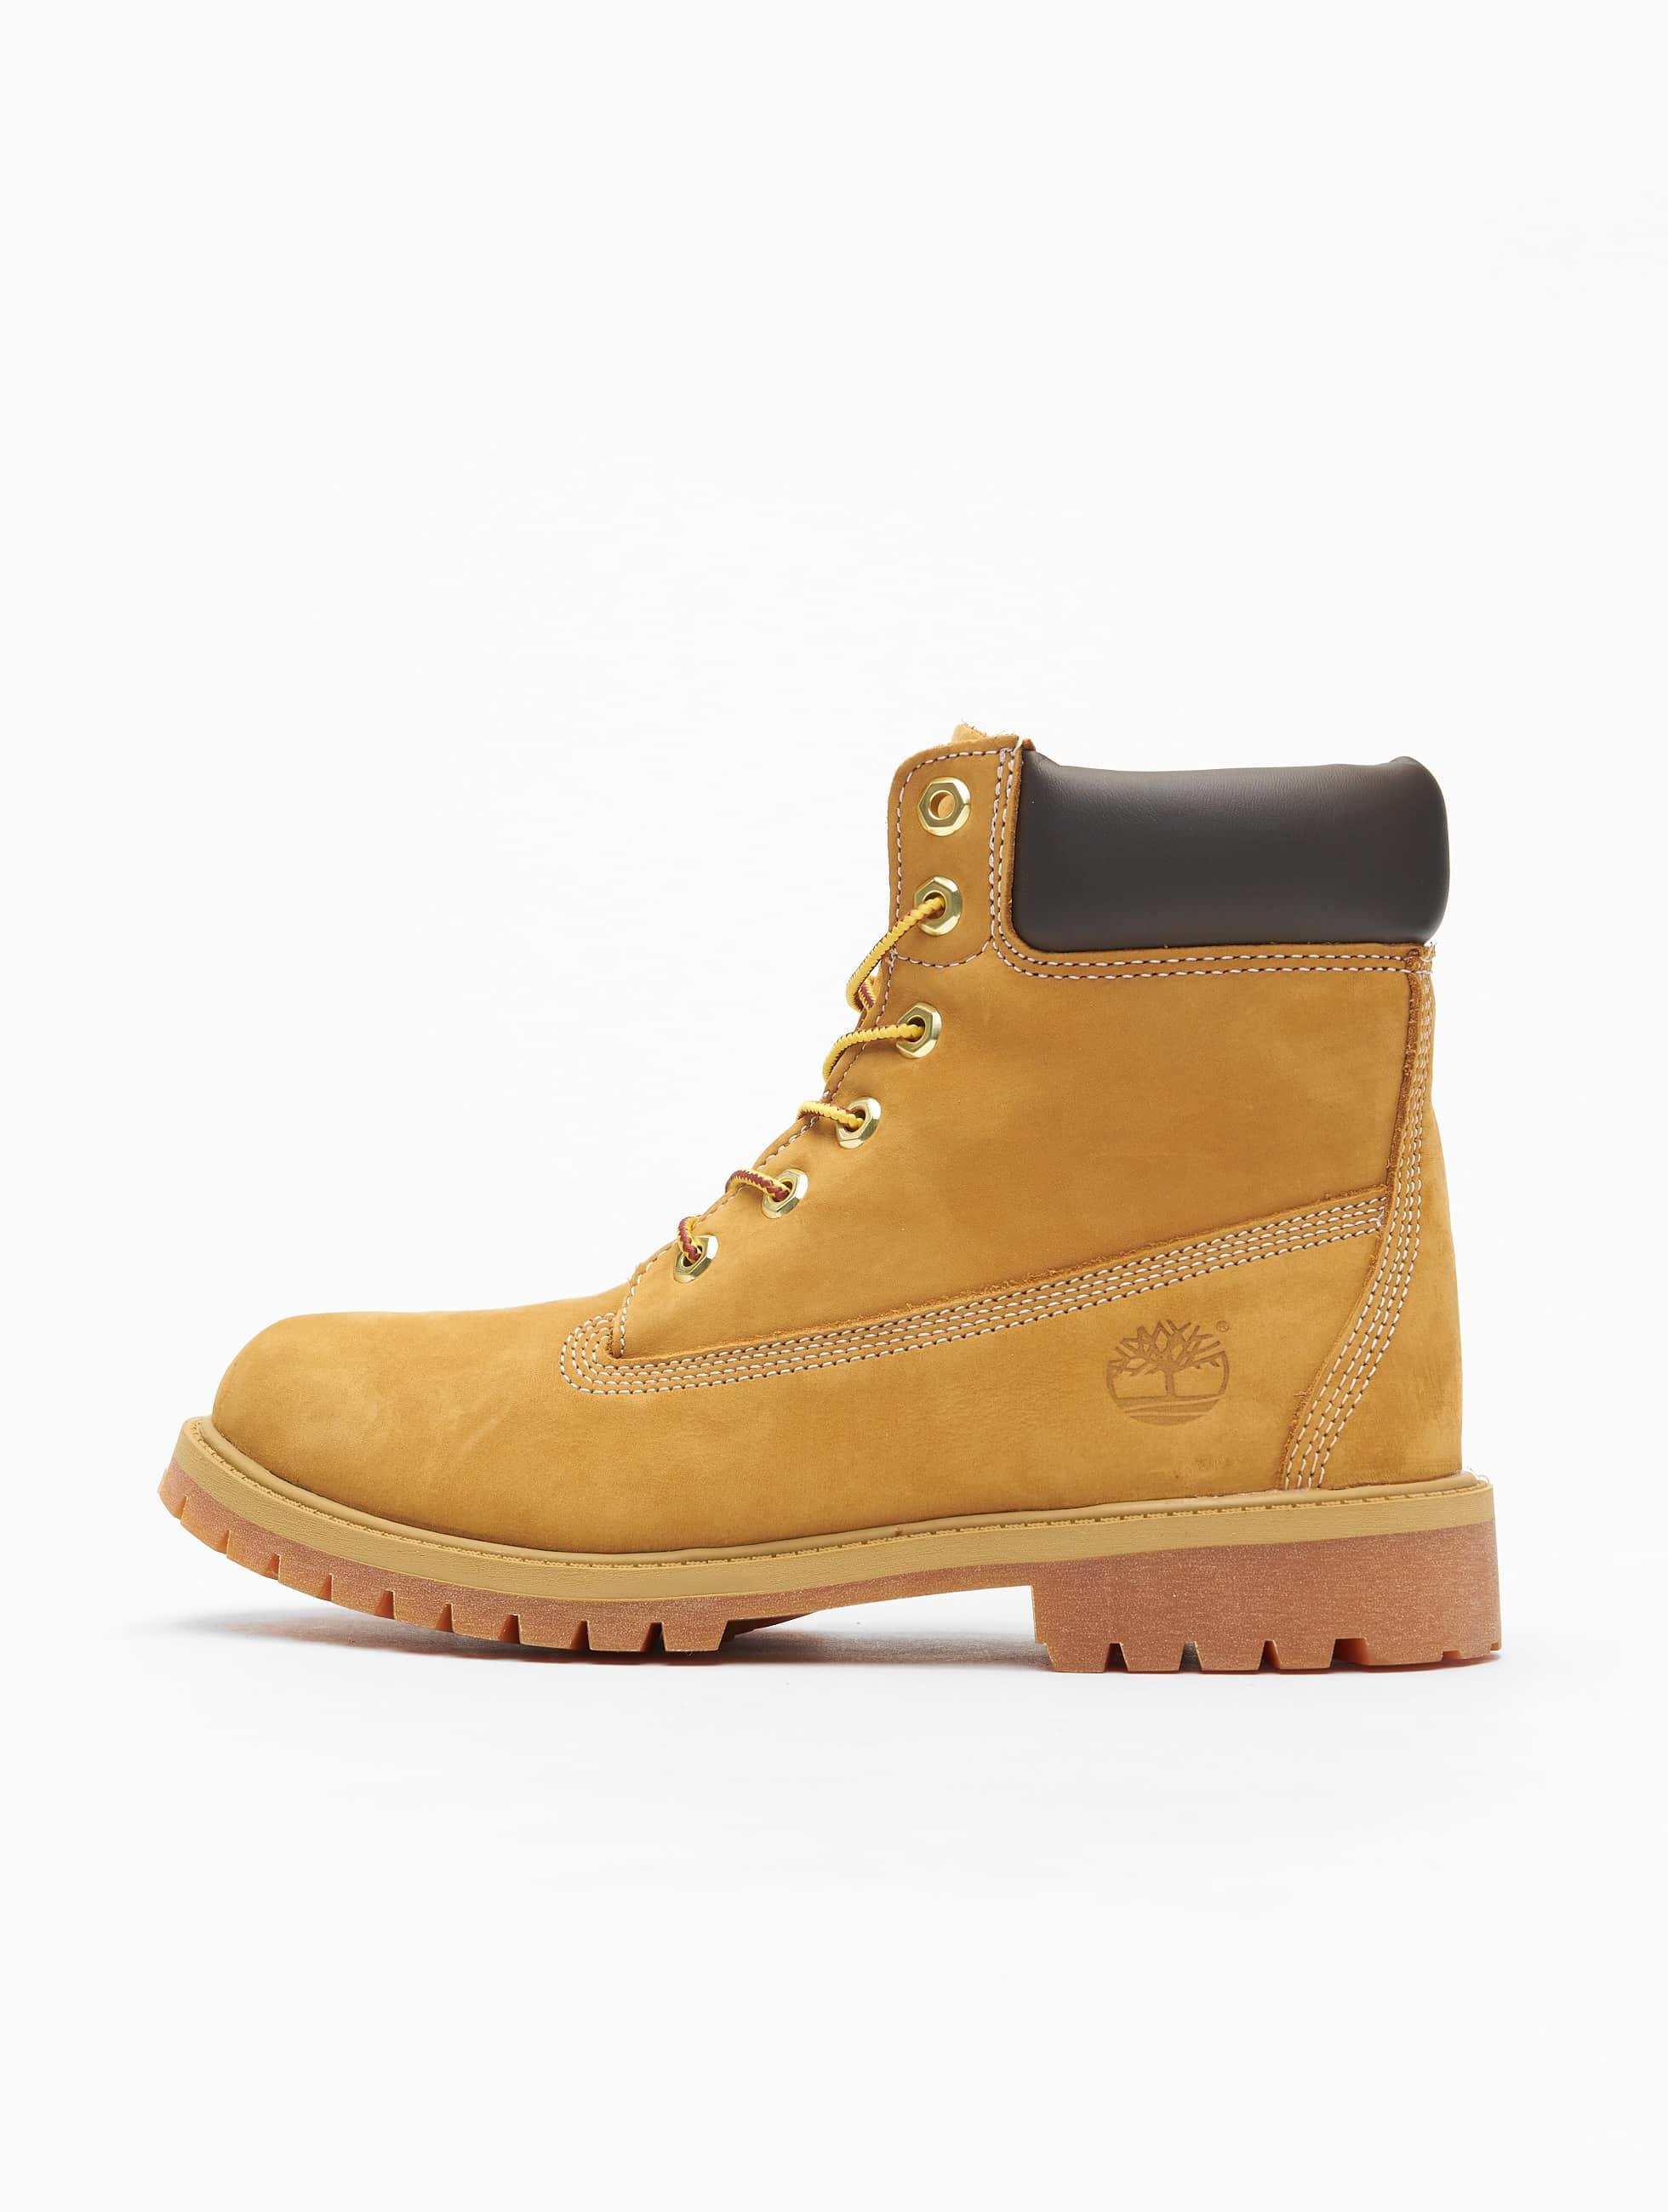 Timberland Frauen Boots 6 In Premium in braun